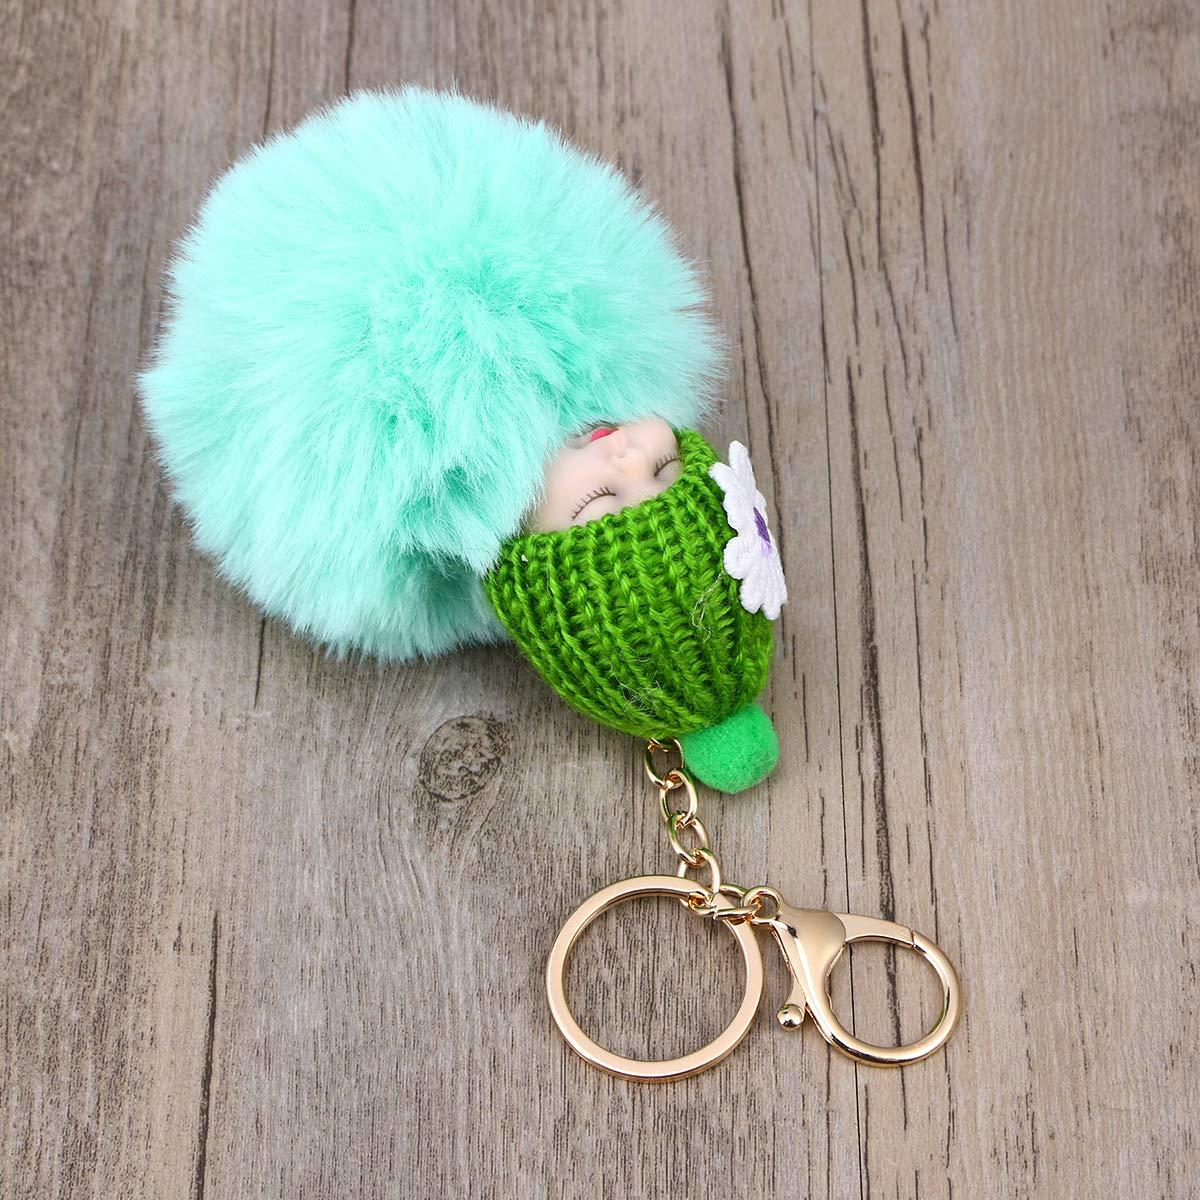 Vosarea Portachiavi Peluche Portachiavi Baby Doll Decorazioni per ciondoli Festa di Natale Verde Menta